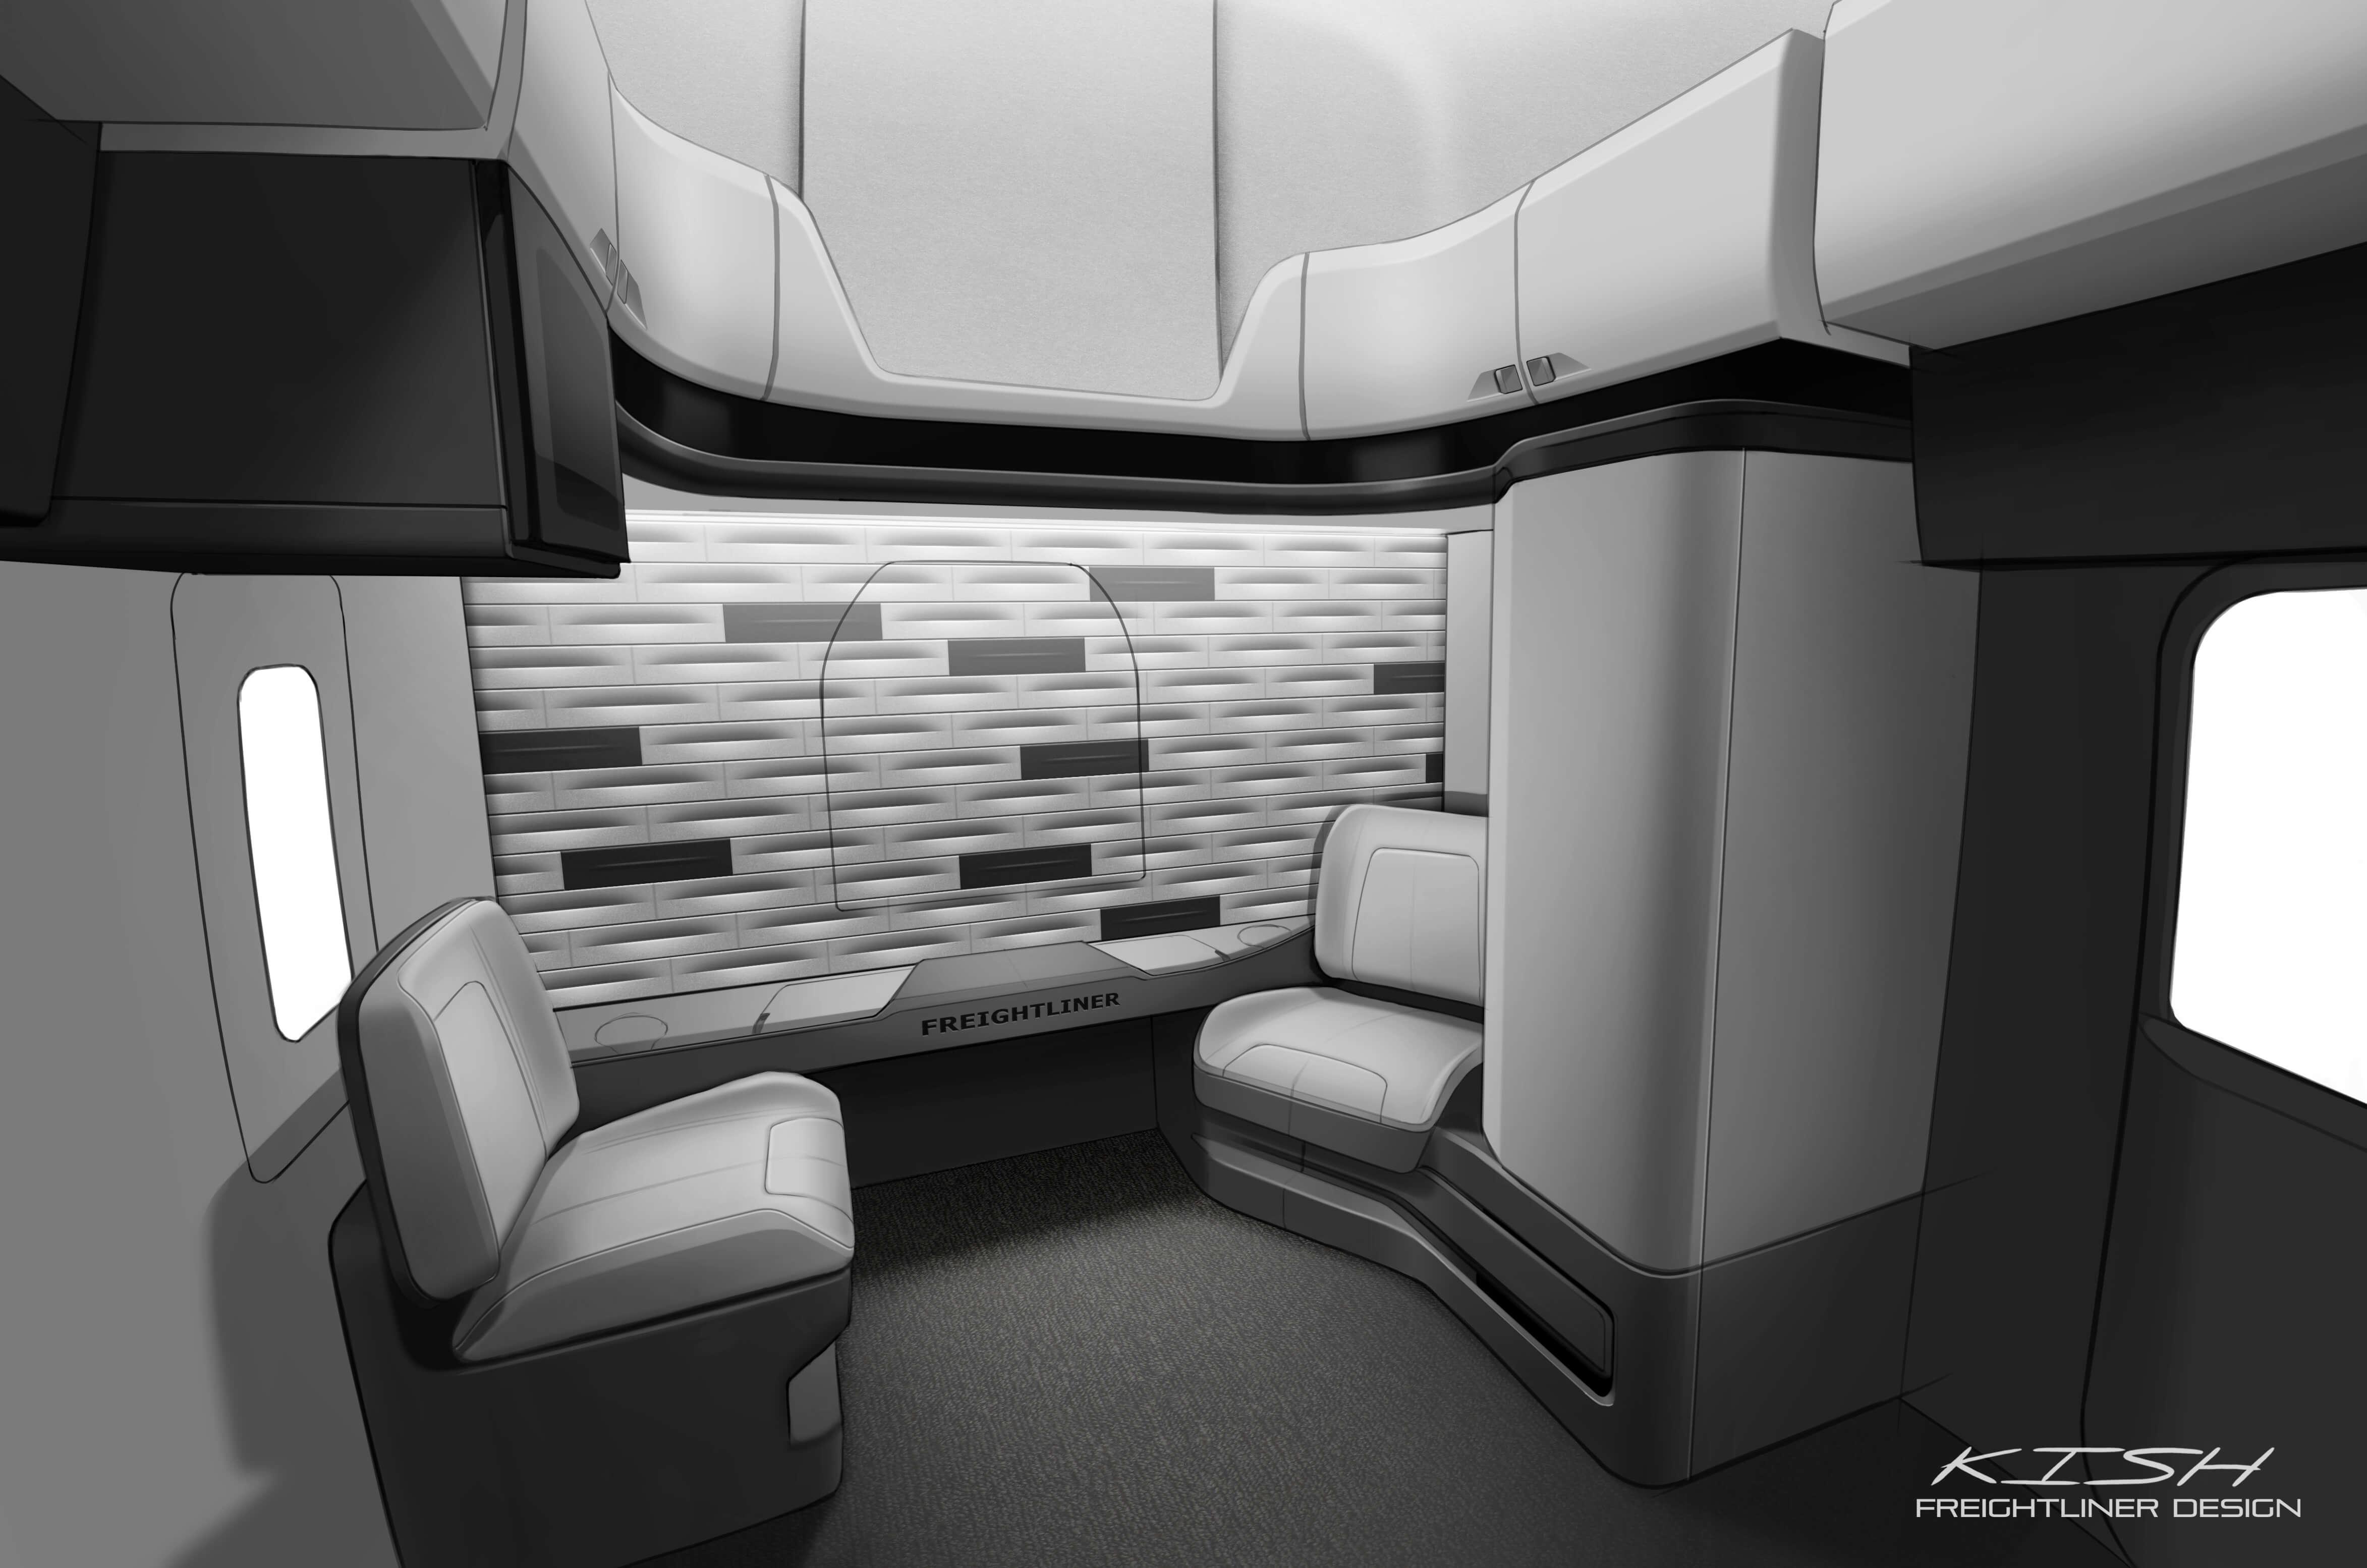 Le Nouveau Cascadia De Freightliner Re Oit Le Prix Good Design 2017 Transport Magazine